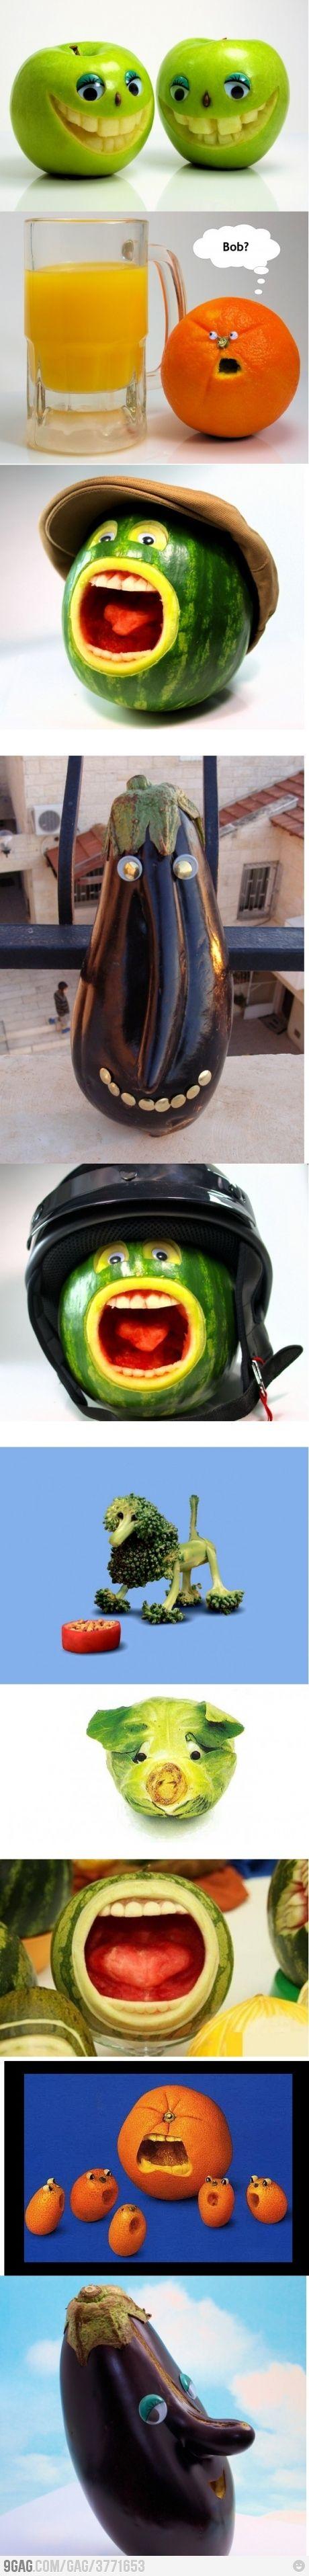 Funny Fruits and Vegetables! Así los niños tampoco se las comen! Les dará pena! XD